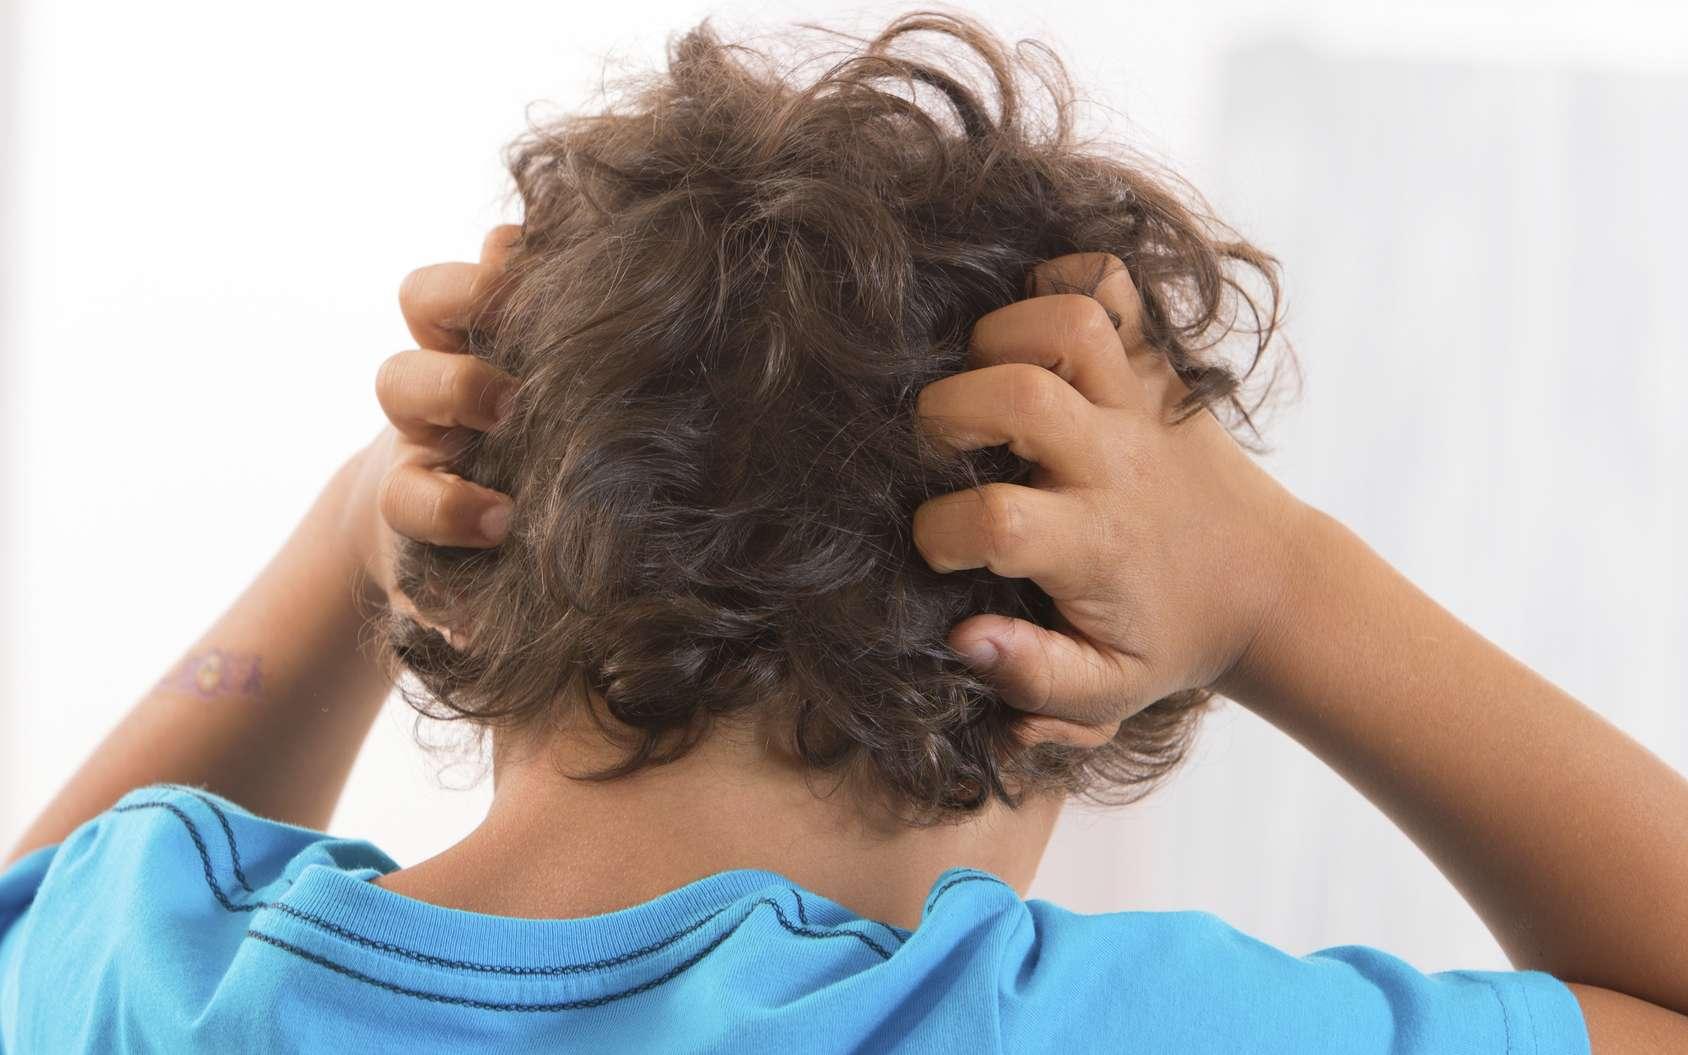 La teigne est une maladie du cheveu causée par un champignon. © JPC-PROD, Fotolia